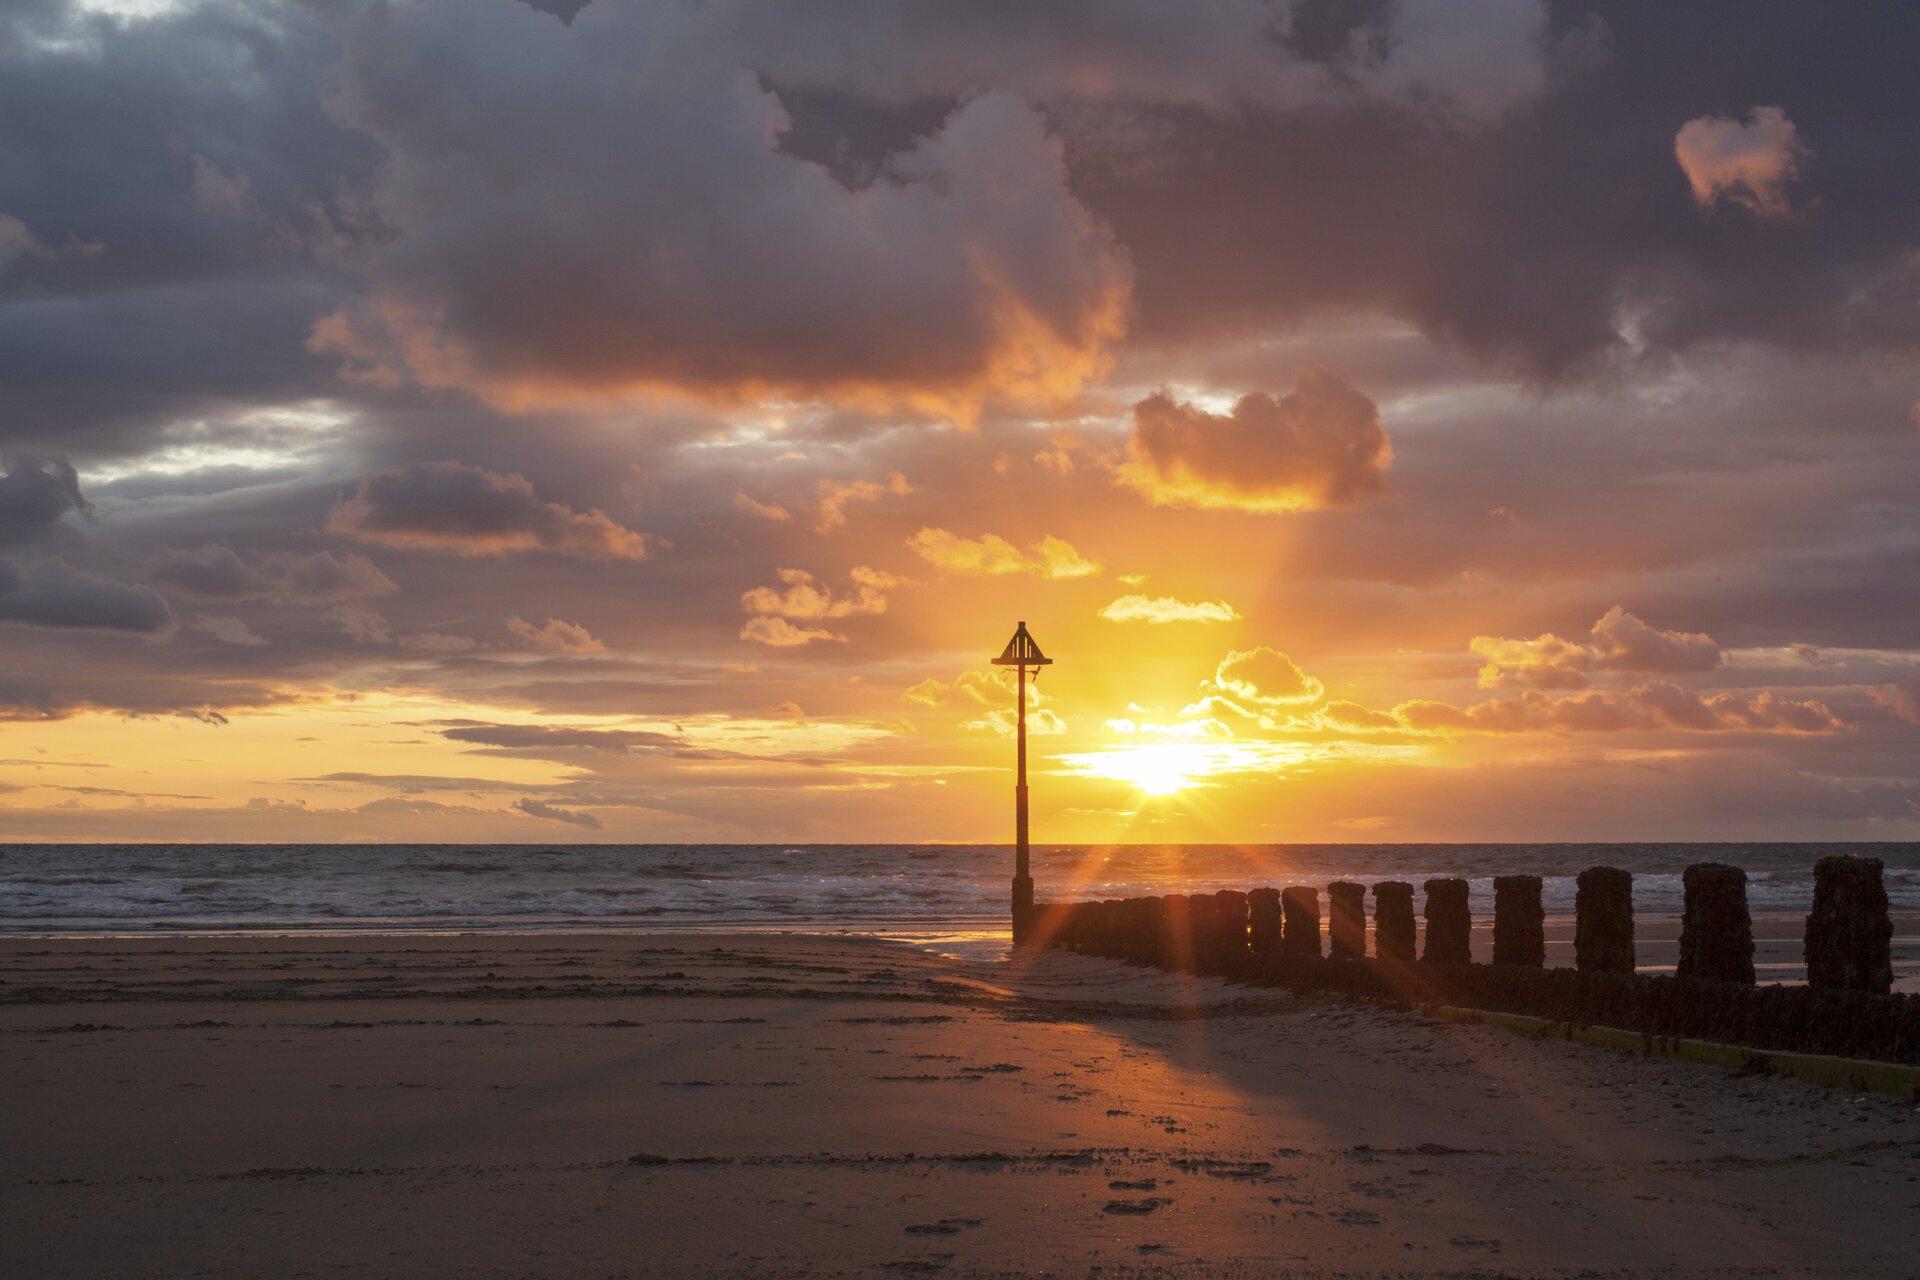 Fotografia przedstawia zachód Słońca nad brzebiem morza. Dolną część kadru zajmuje plaża imorze ukazane wciepłej kolorystyce zdługimi cieniami. Środkowa igórna część kadru to niebo ichmury. Słońce znajduje się wpołowie wysokości kadru, przesunięte nieco na prawo. Środkową część kadru zajmuje wysoki słup wbity wpiasek od którego wprawo, wkierunku pierwszego planu ciągną się paliki falochronu. Na piasku ślady ludzkich stóp.